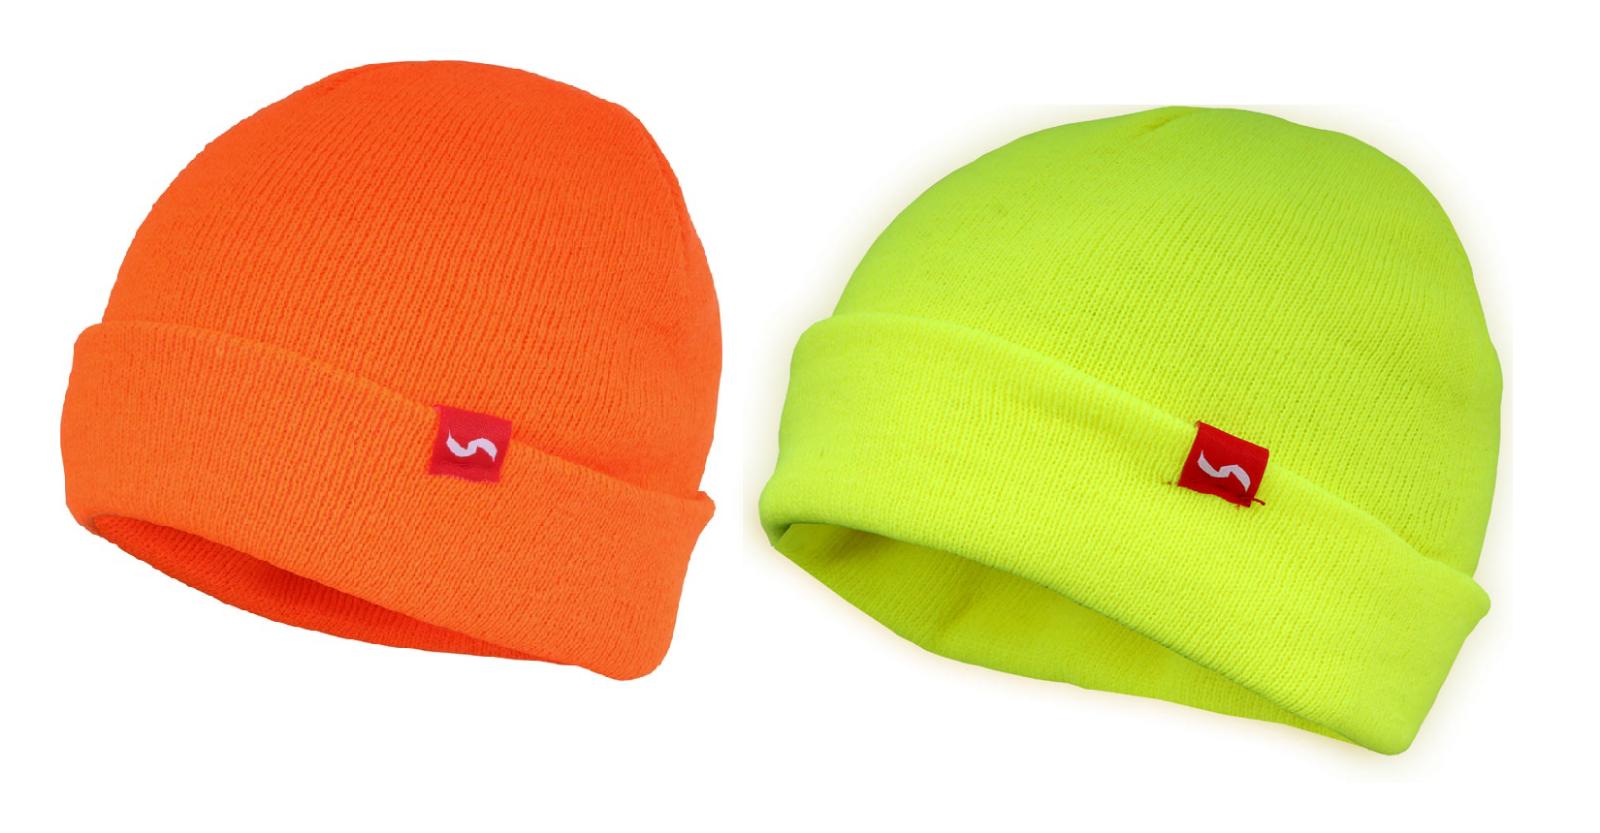 Traega Hat-Ac Gefärbt Hohe Sichtbarkeit Acryl Mütze Stil Hut Kalt Shutz-